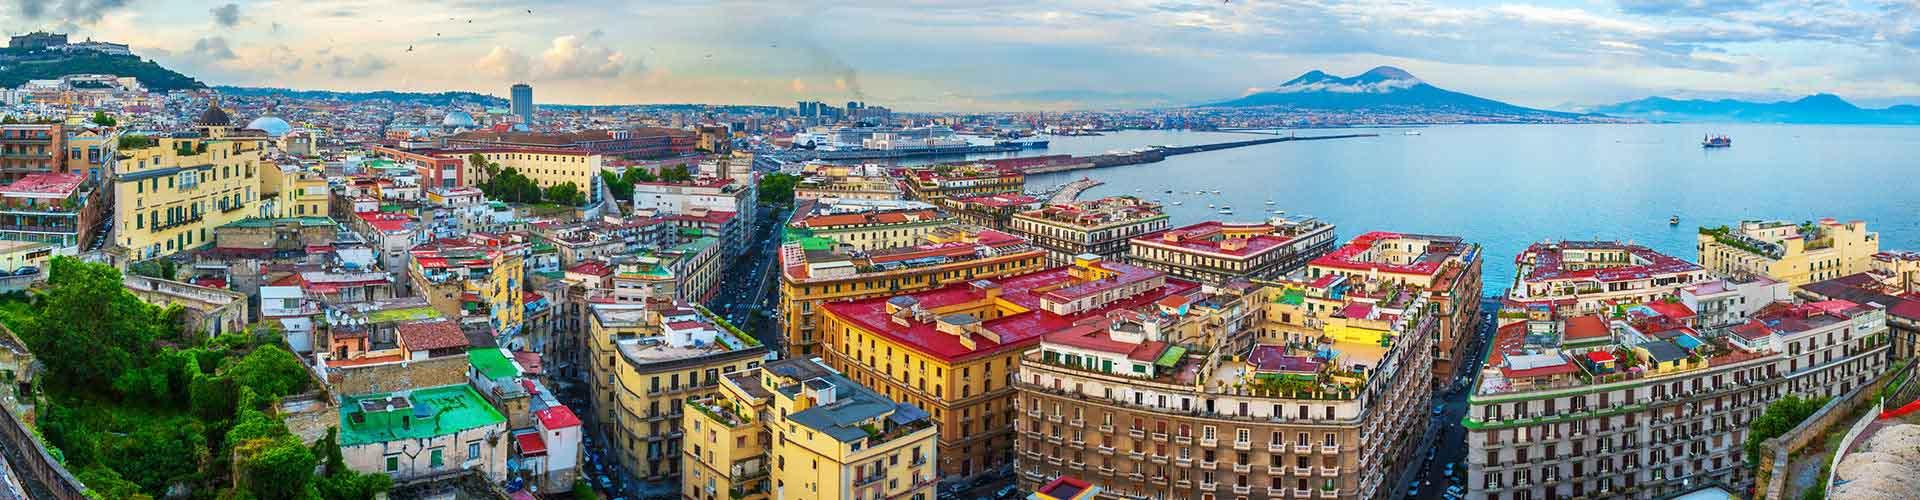 Neapel – Hostels in Neapel. Neapel auf der Karte. Fotos und Bewertungen für jedes Hostel in Neapel.